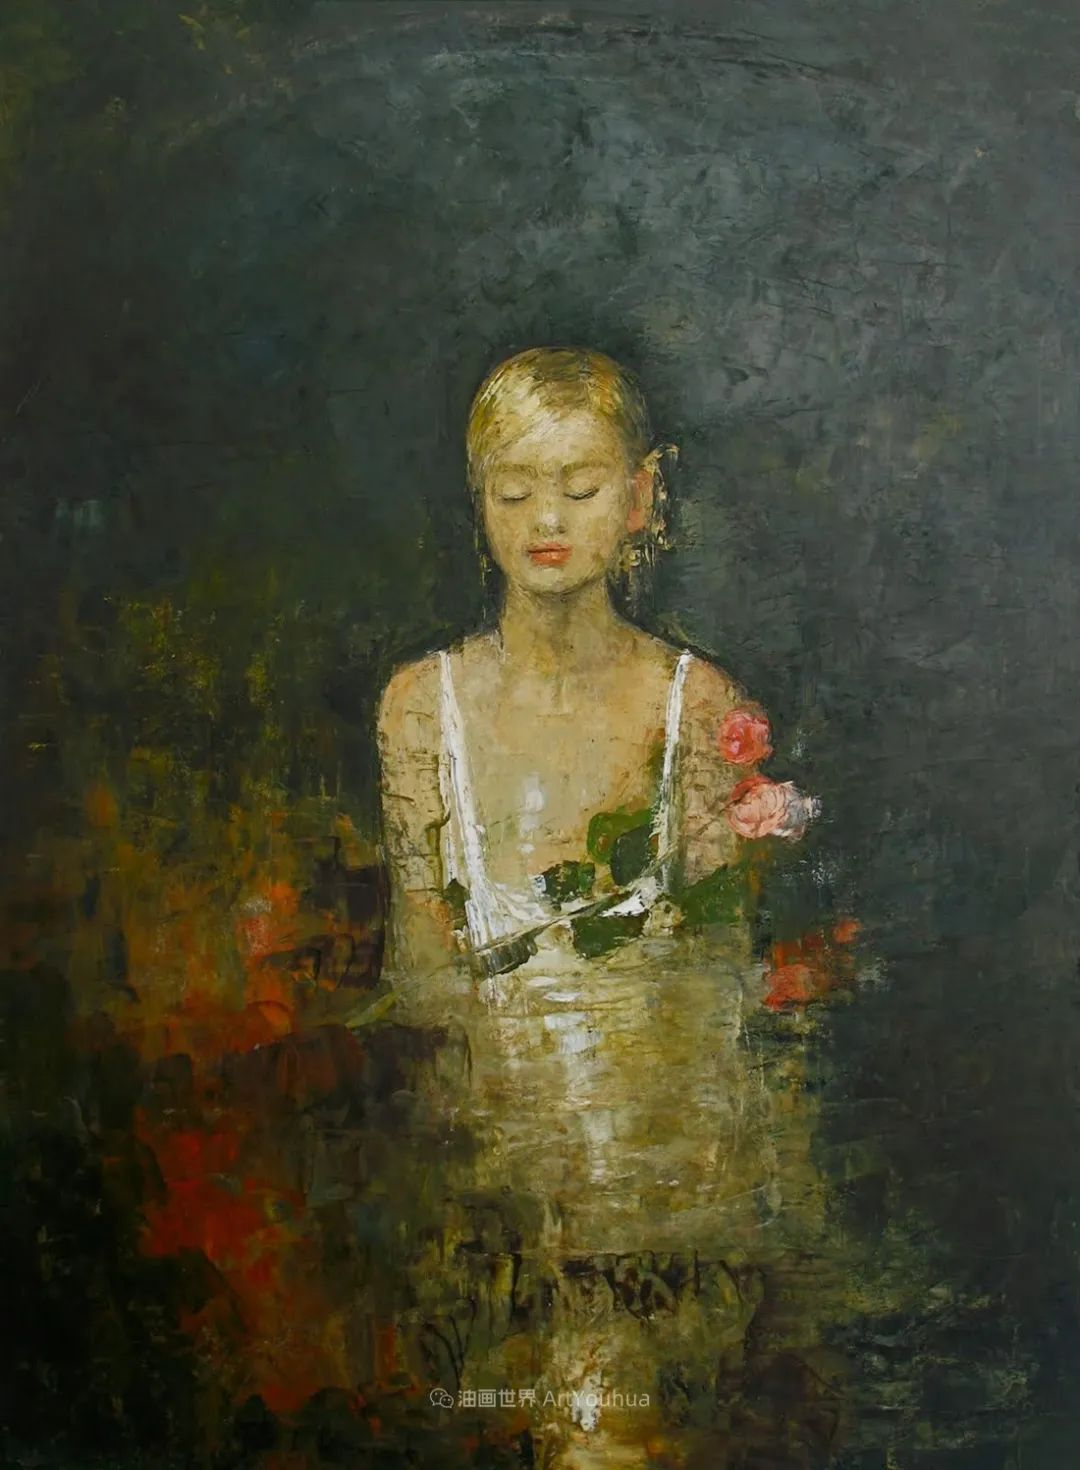 她从古代壁画中汲取灵感,但作品有一种非常现代、神秘的感觉!插图35